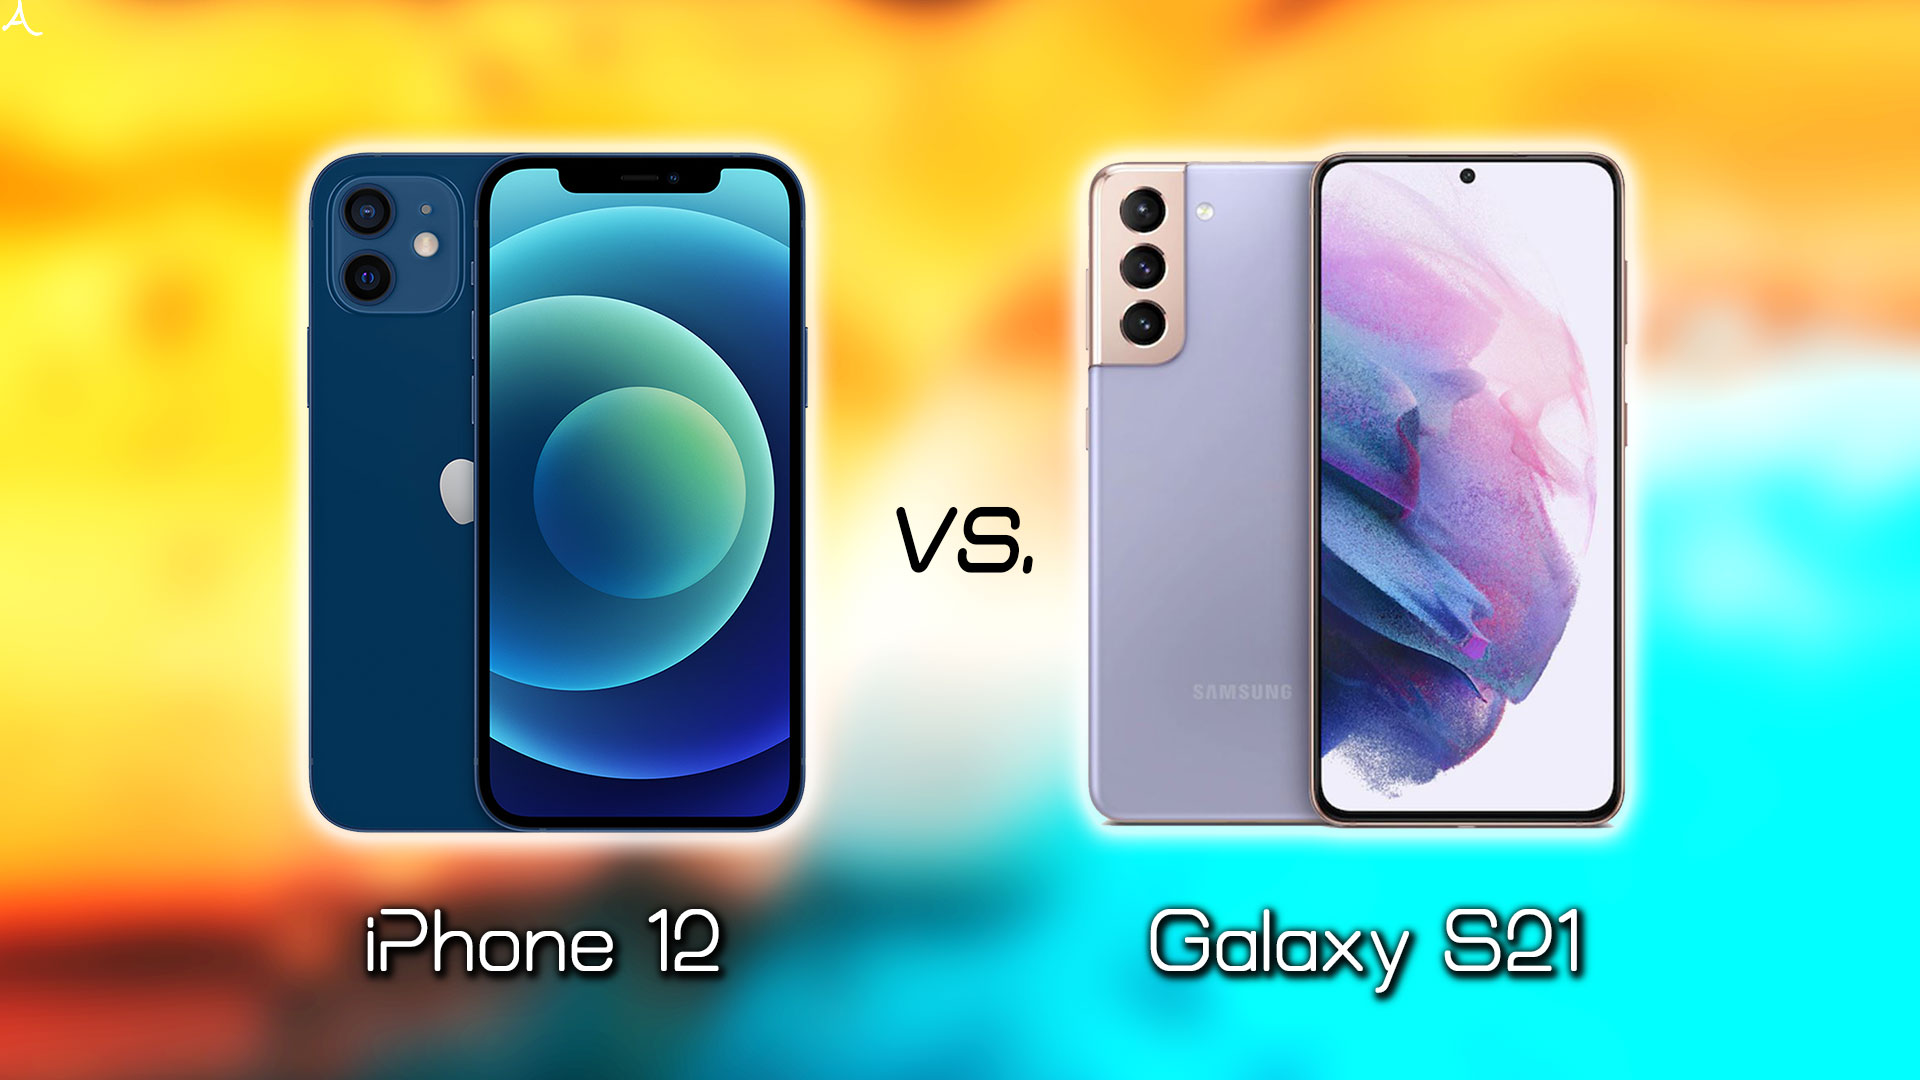 「iPhone 12」と「Galaxy S21」の違いを比較:どっちを買う?